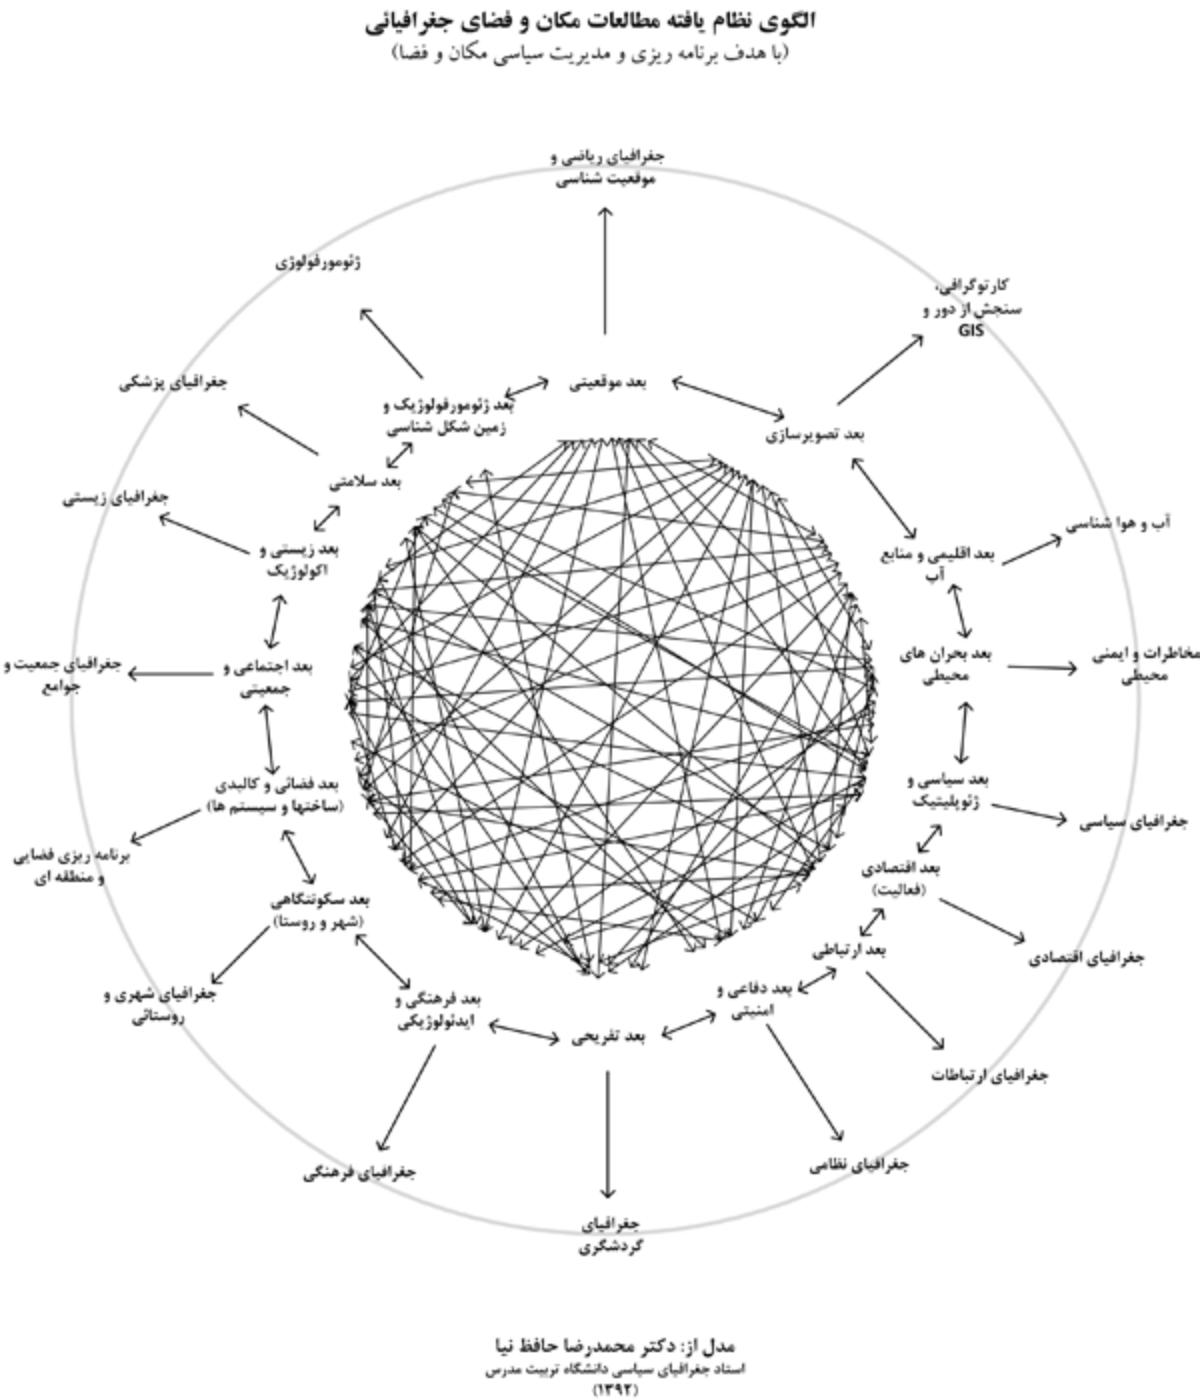 الگوی نظام یافته مطالعات مکان و فضای جغرافیایی